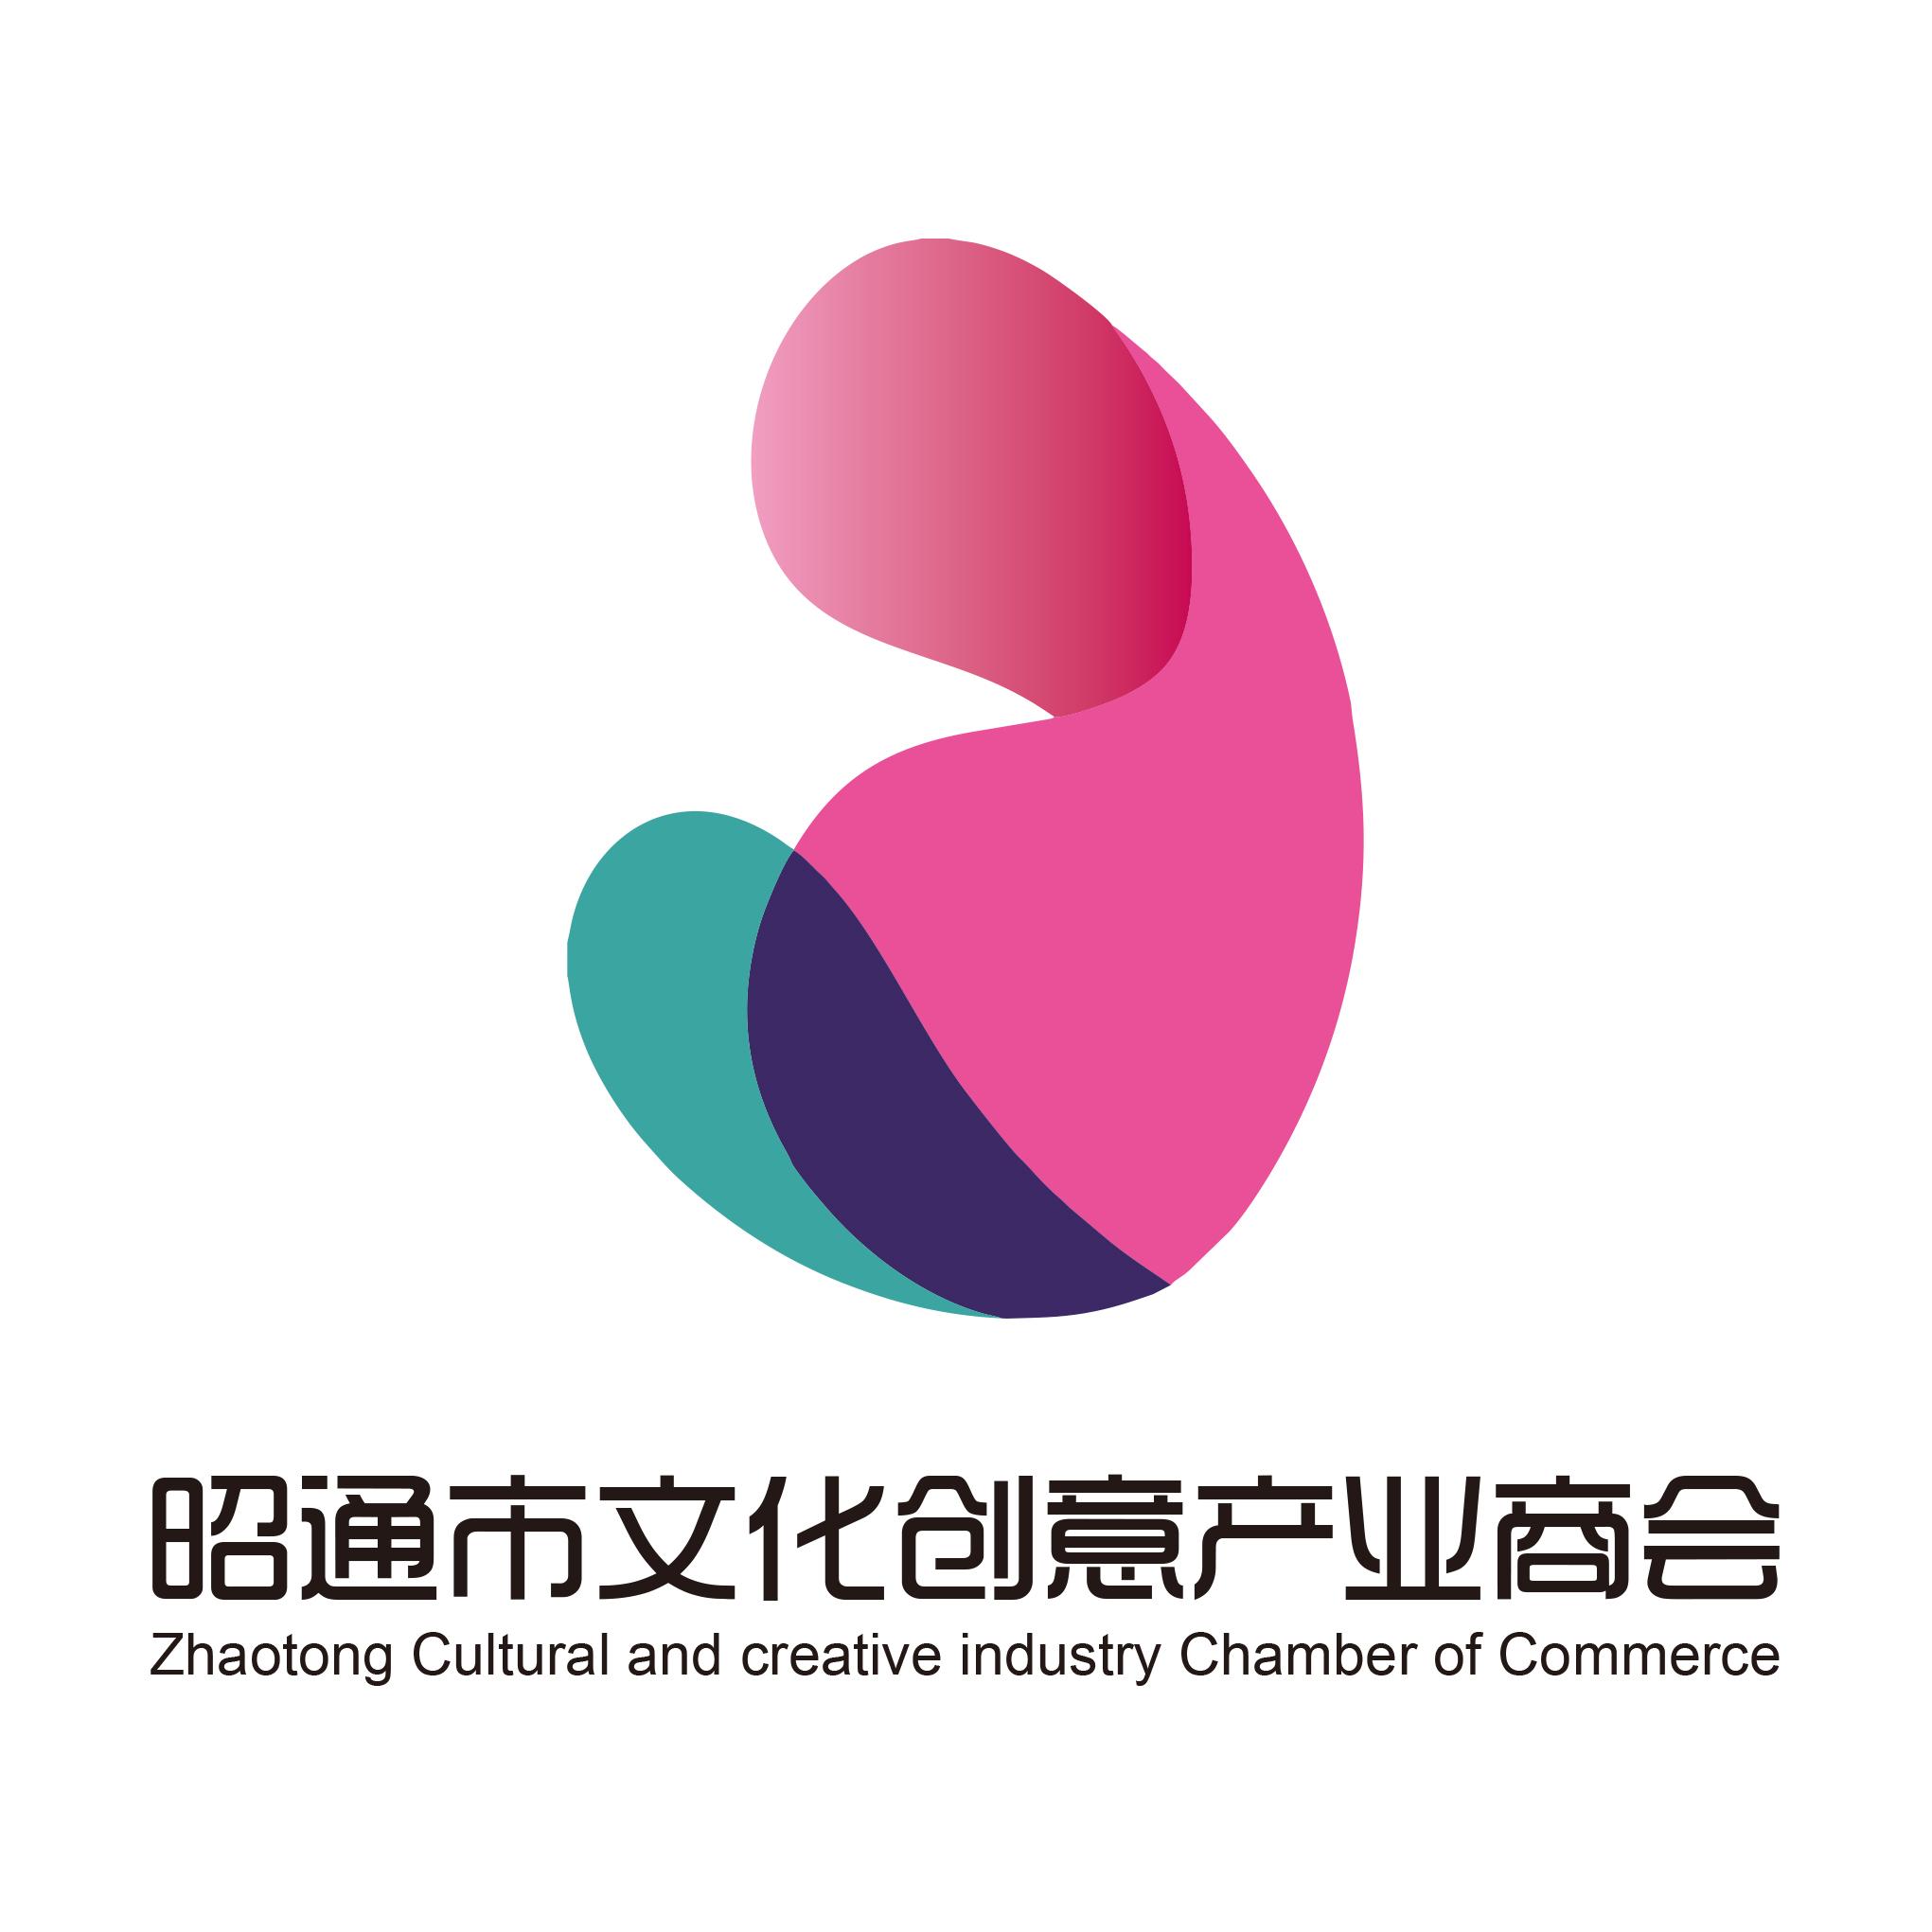 昭通文化创意产业商会